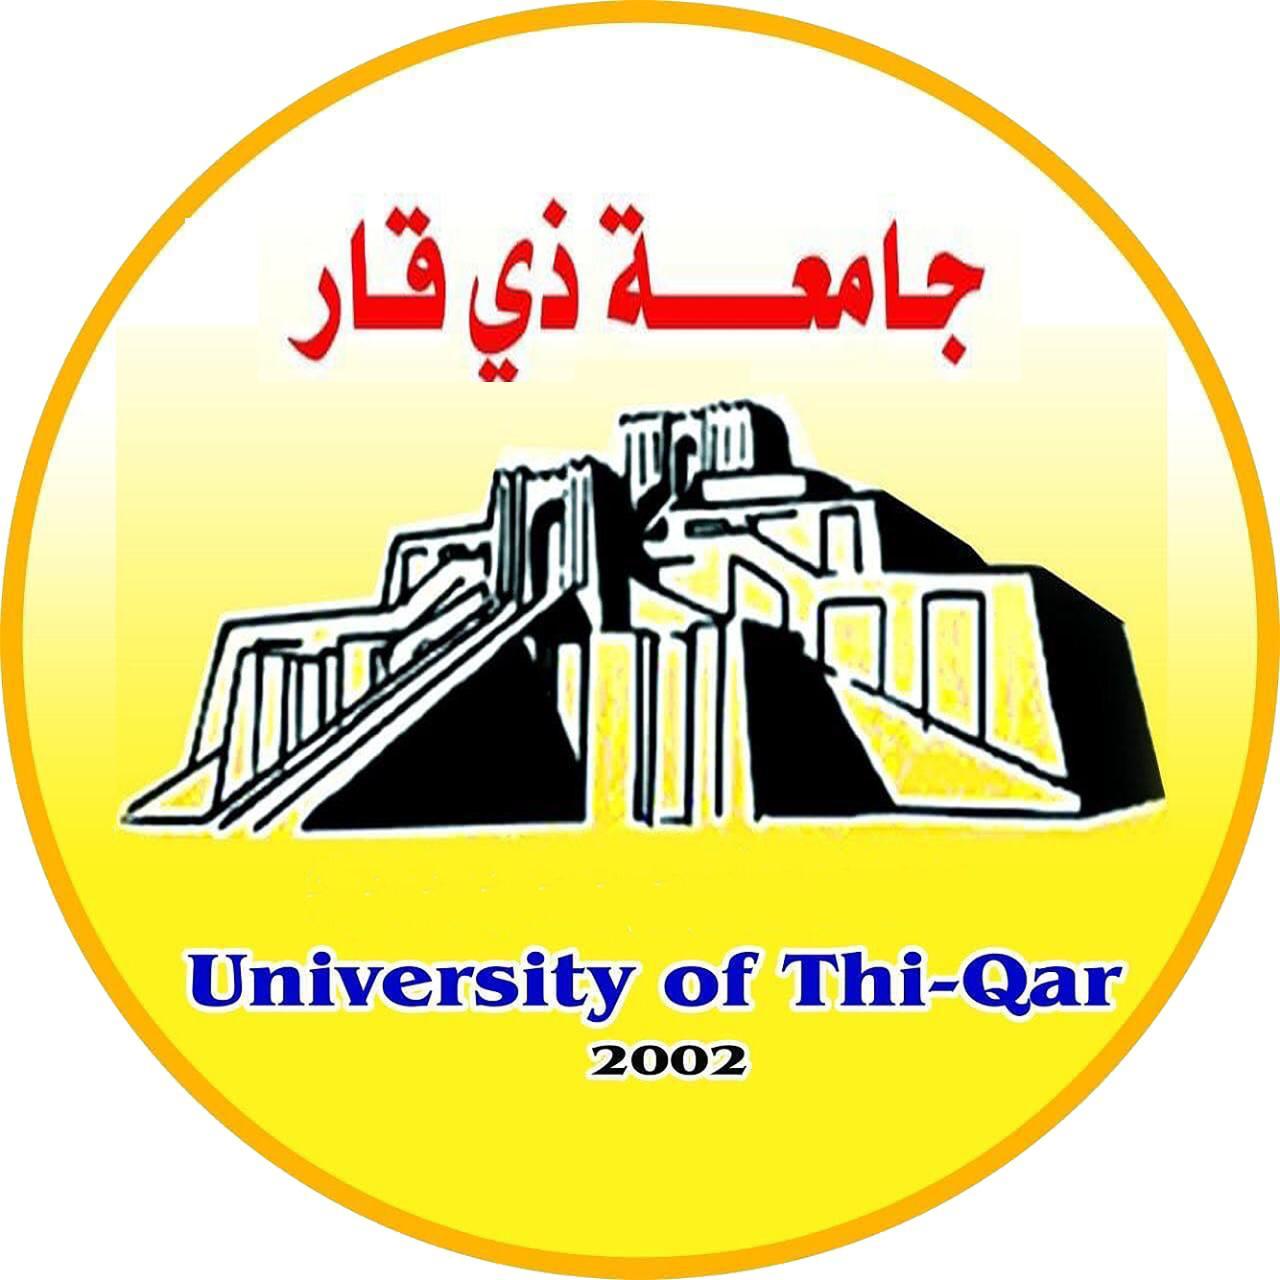 University of Thi-Qar